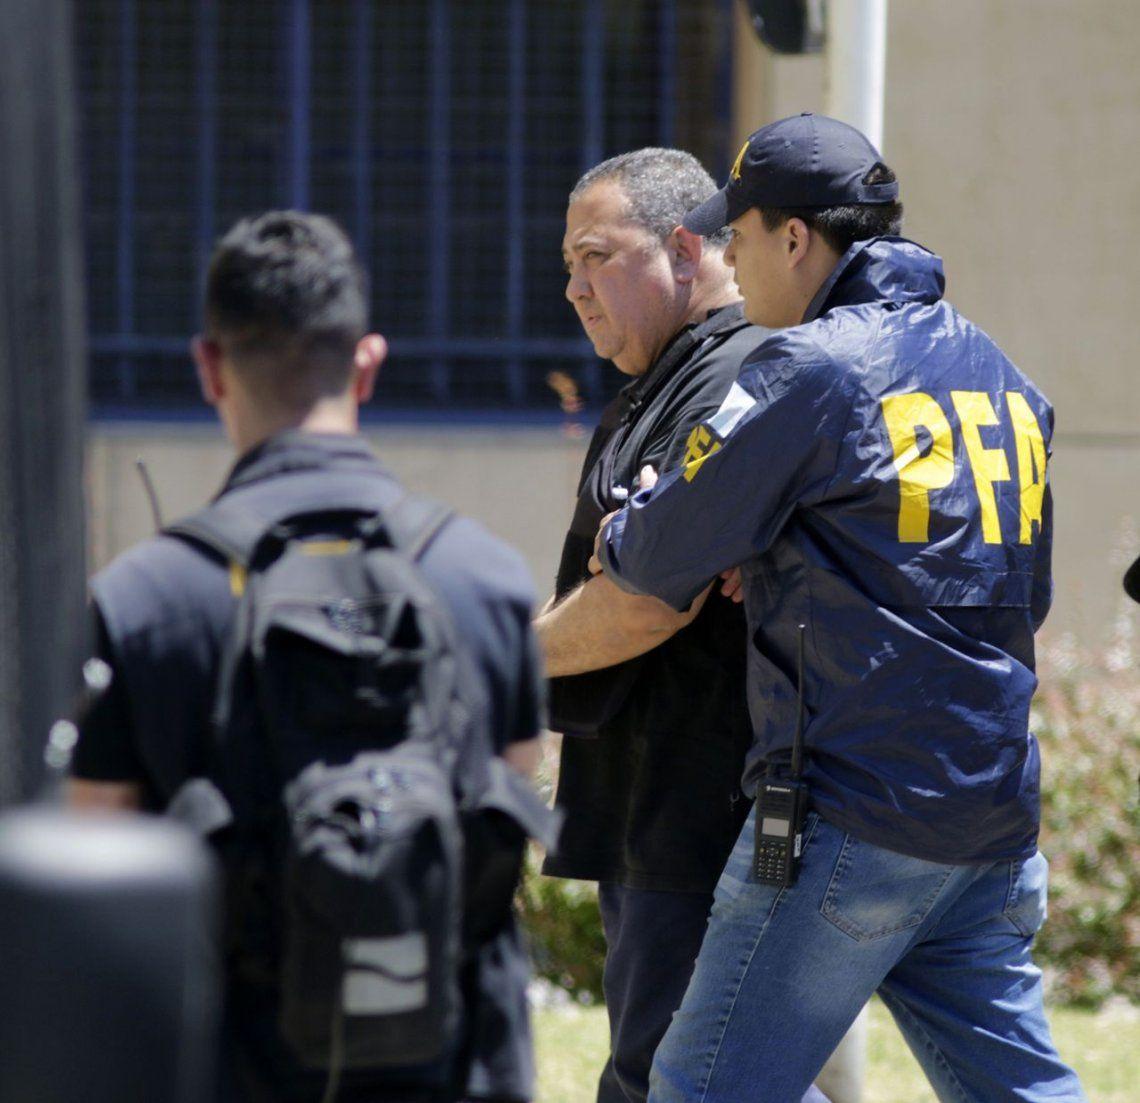 DElíaseguirá preso en la causa por encubrimiento del atentado a la AMIA